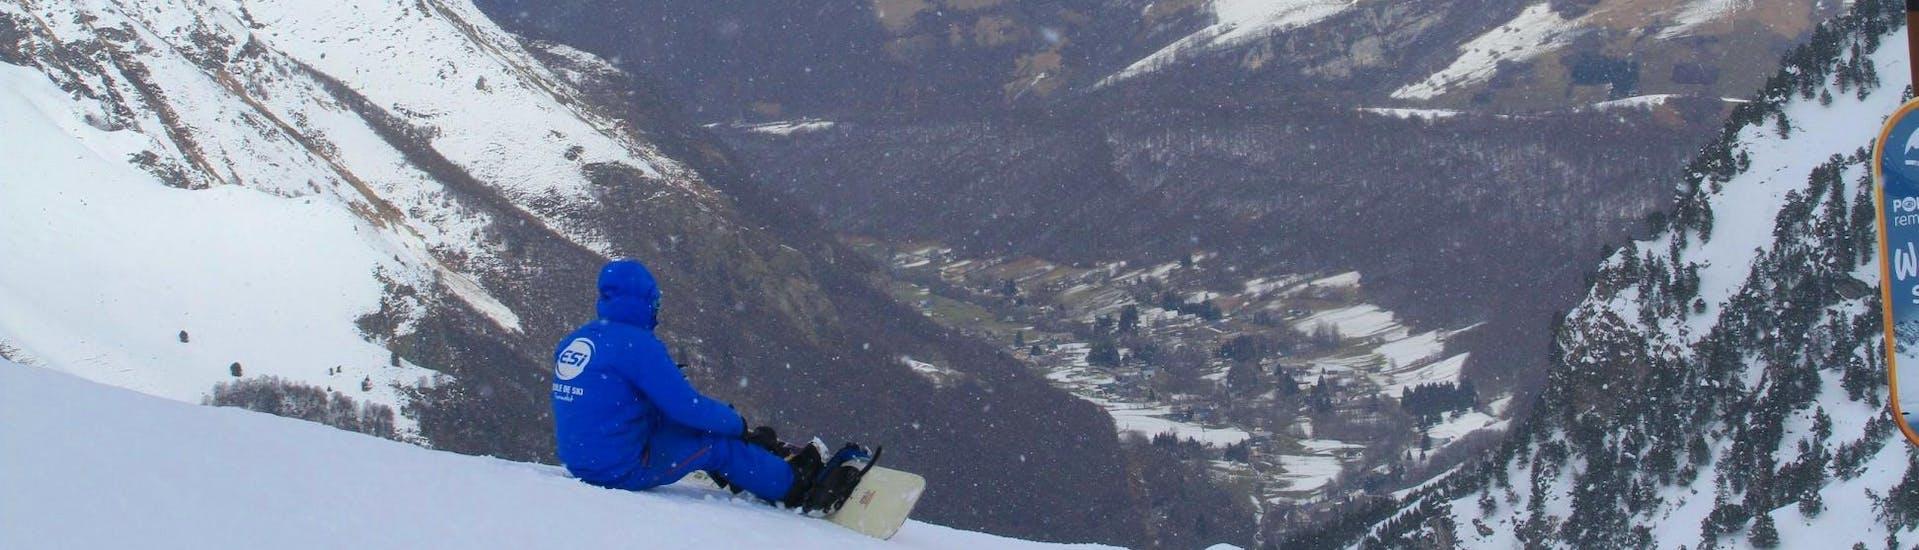 Un snowboarder está sentado en la nieve contemplando el valle de abajo durante sus clases de snowboard para niños (a partir de los 8 años) con la escuela de esquí ESI du Tourmalet en La Mongie.